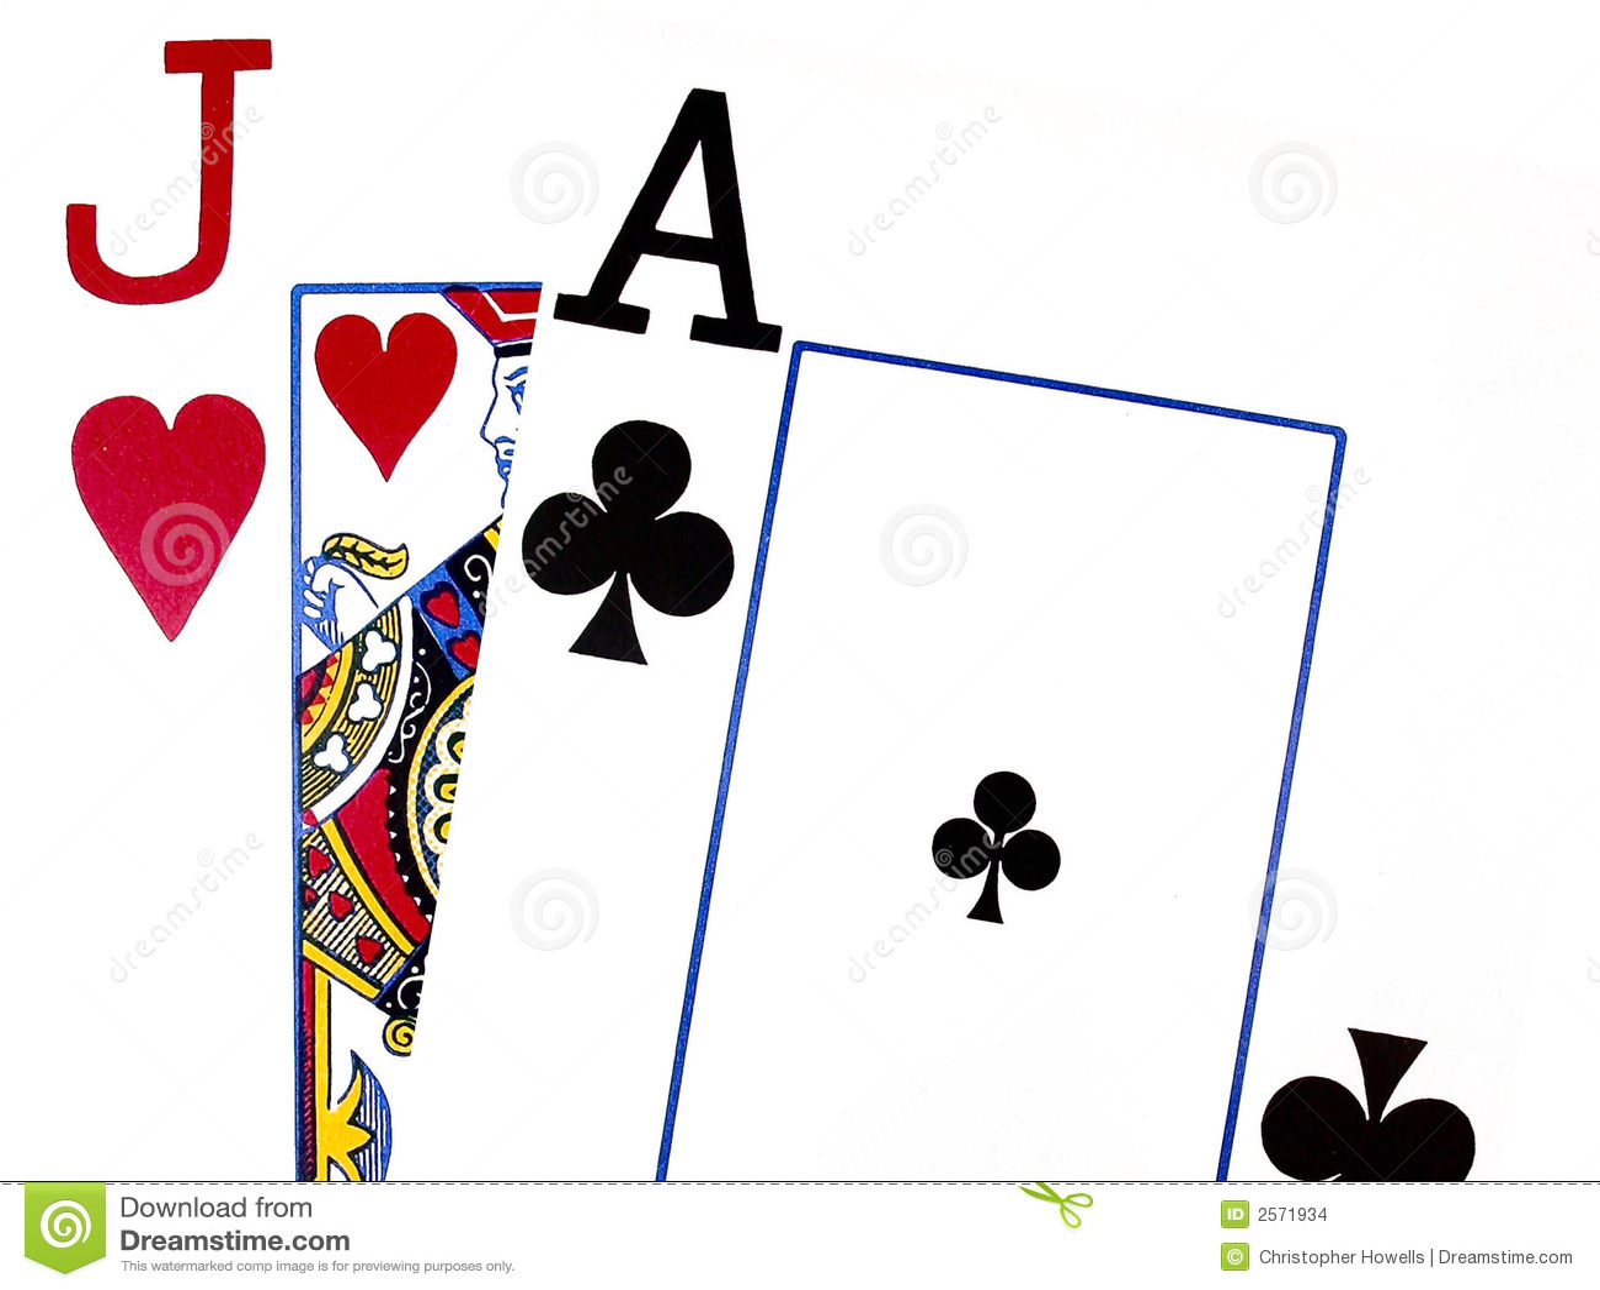 8 Deck Blackjack